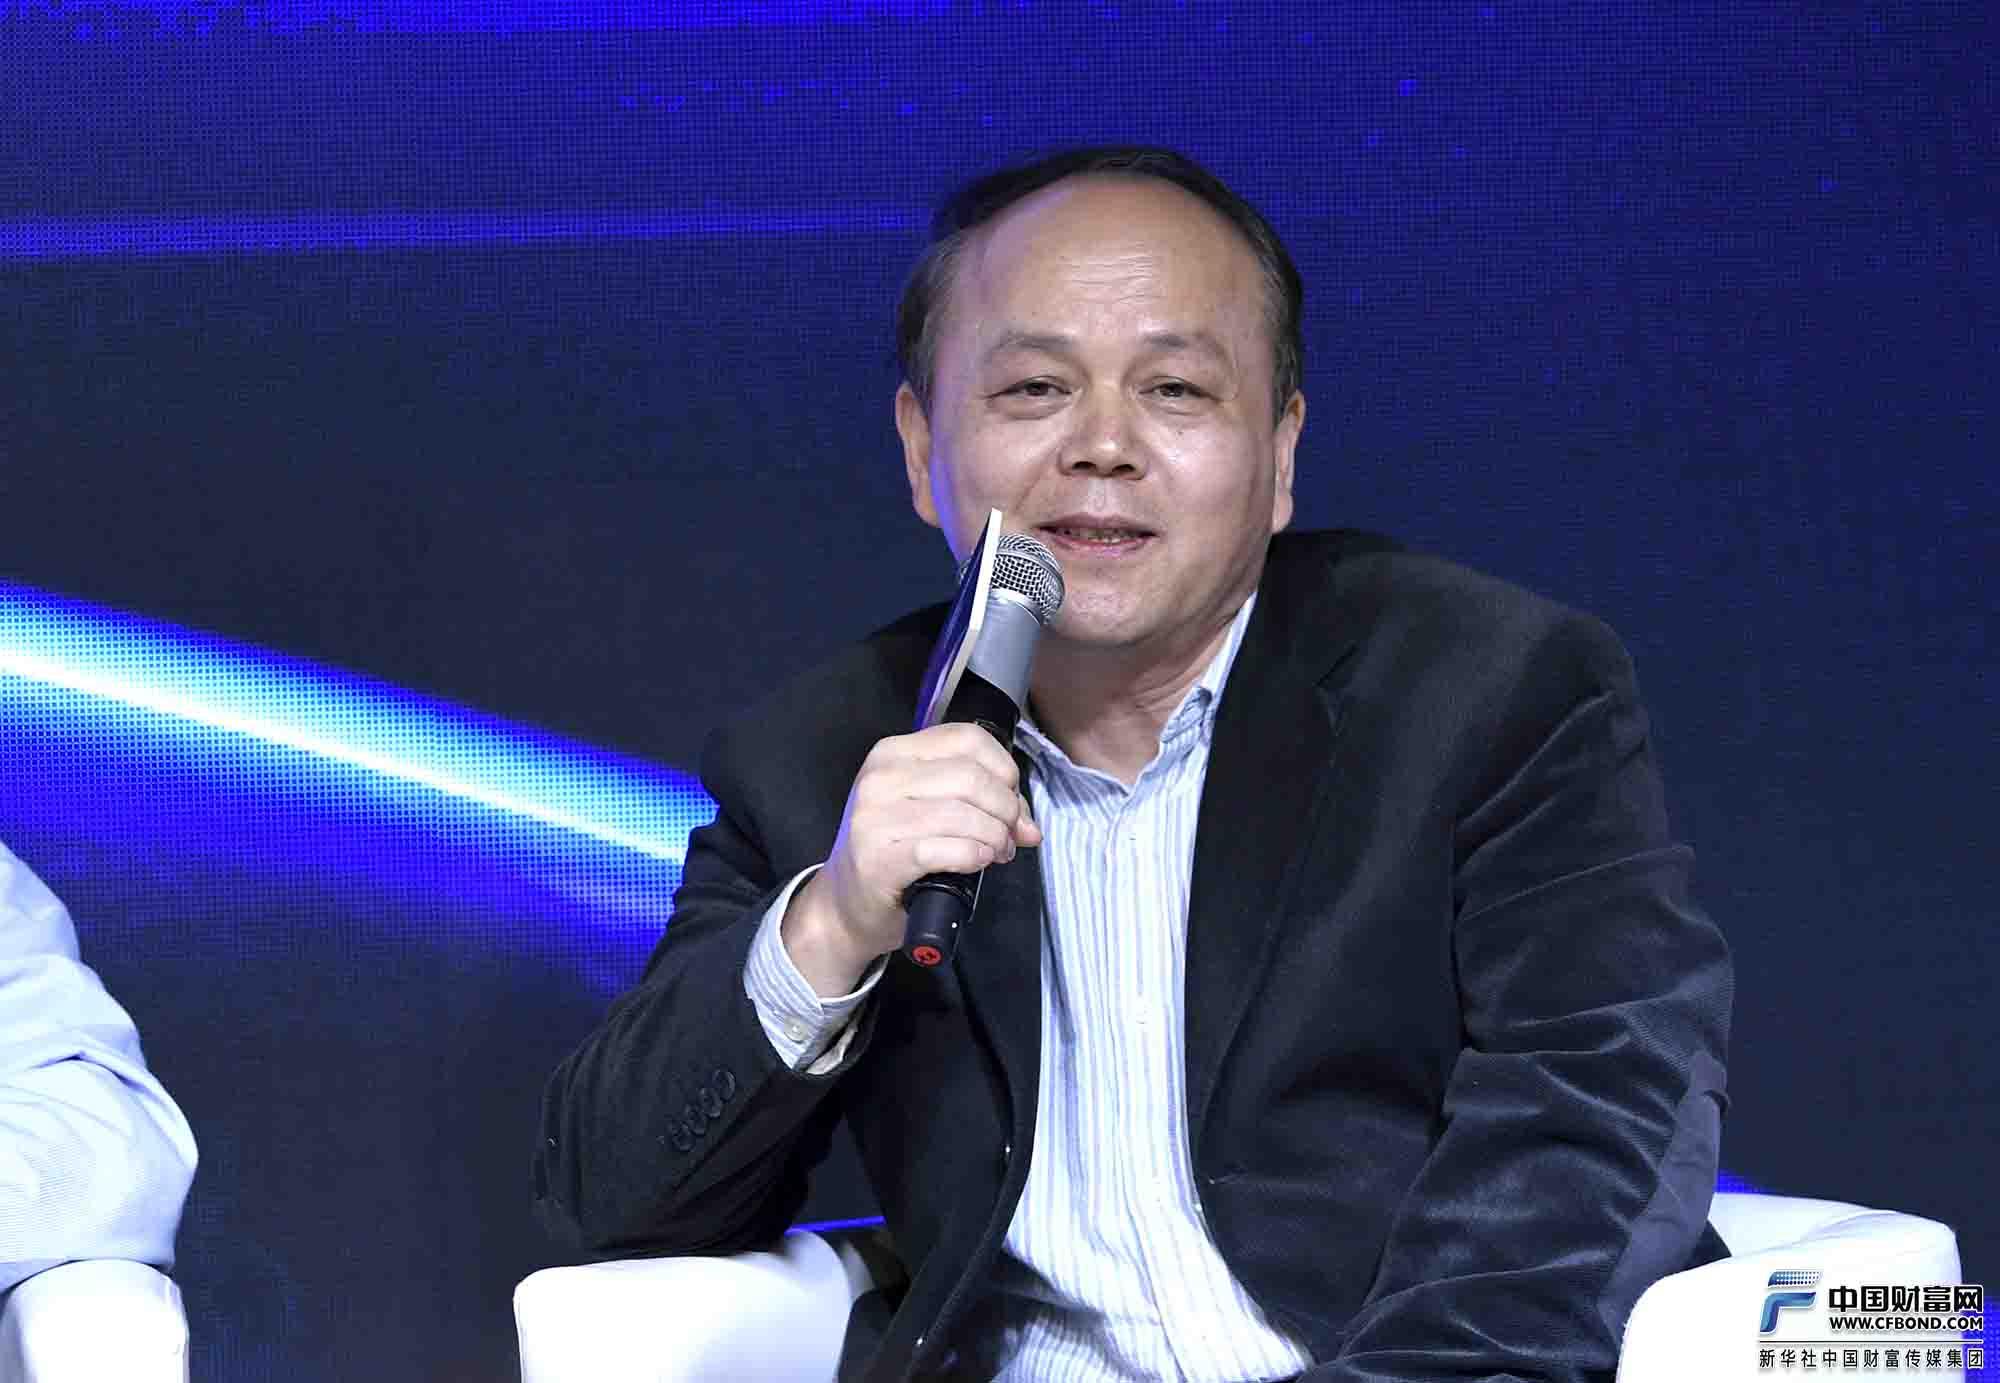 中国社会科学院工业经济研究所区域经济研究室主任、中国区域经济学会秘书长陈耀